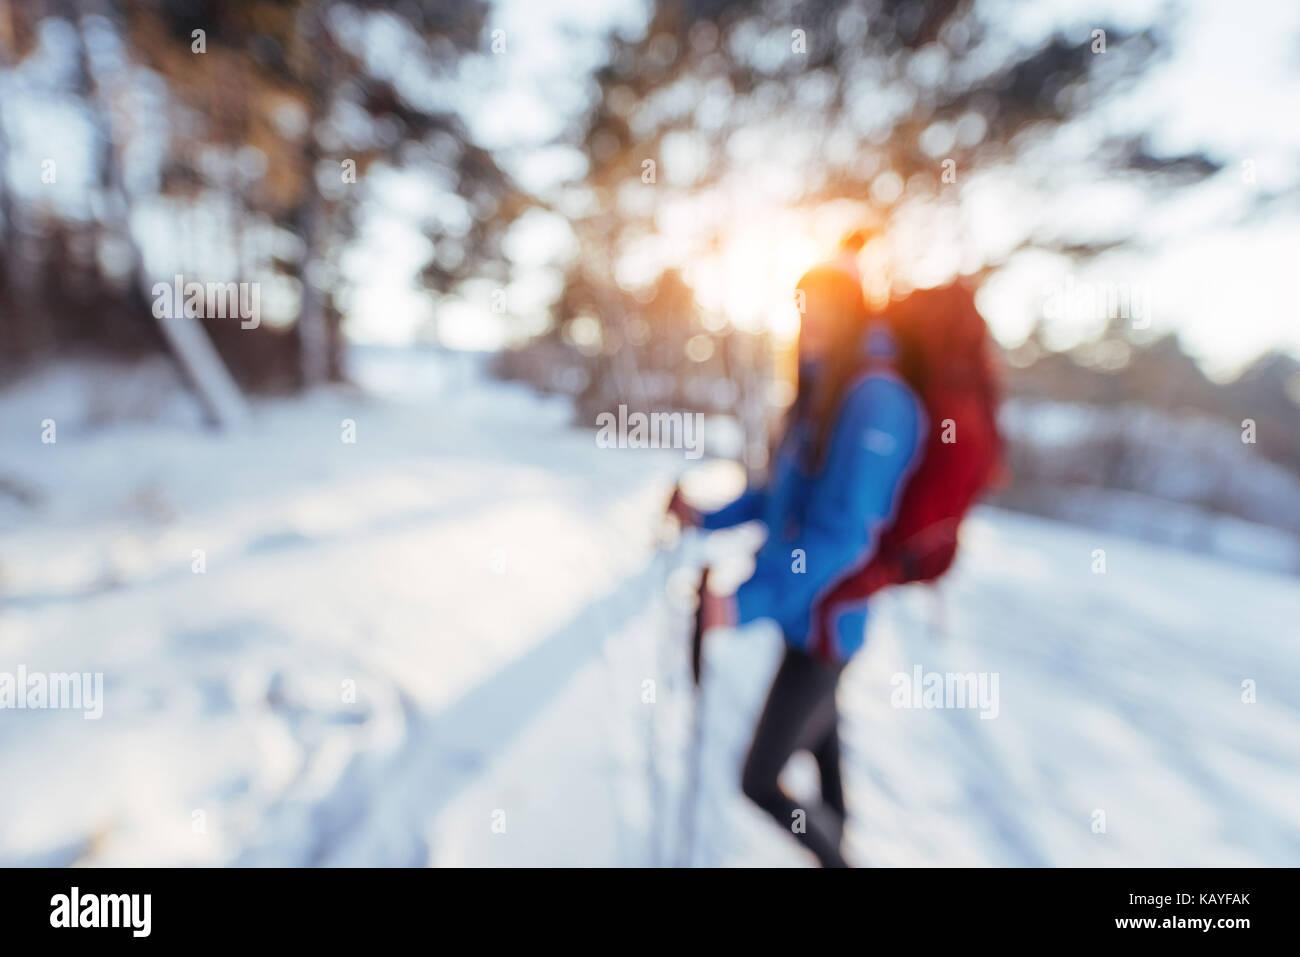 Donna traveler al di fuori della messa a fuoco con zaino escursionismo travel lifestyle adventure concept vacanze Immagini Stock